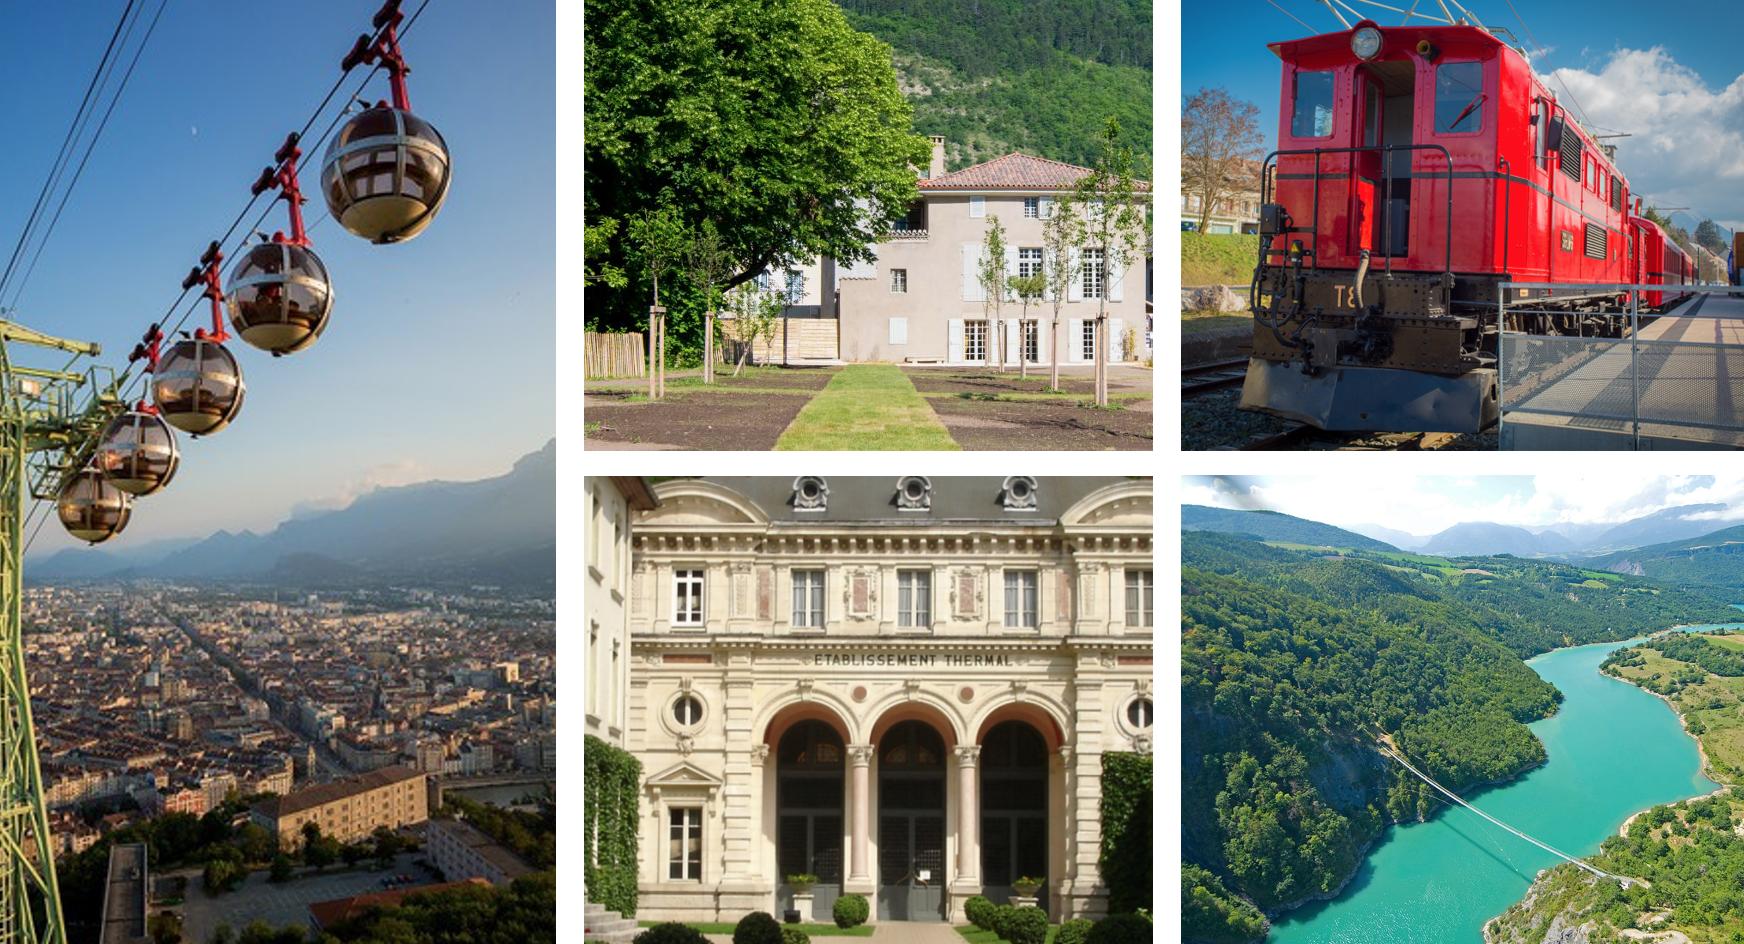 Tourisme à Grenoble  : les cinq spots de l'Isère à découvrir cet été Capture%20d%E2%80%99e%CC%81cran%202021-06-24%20a%CC%80%2017.17.56